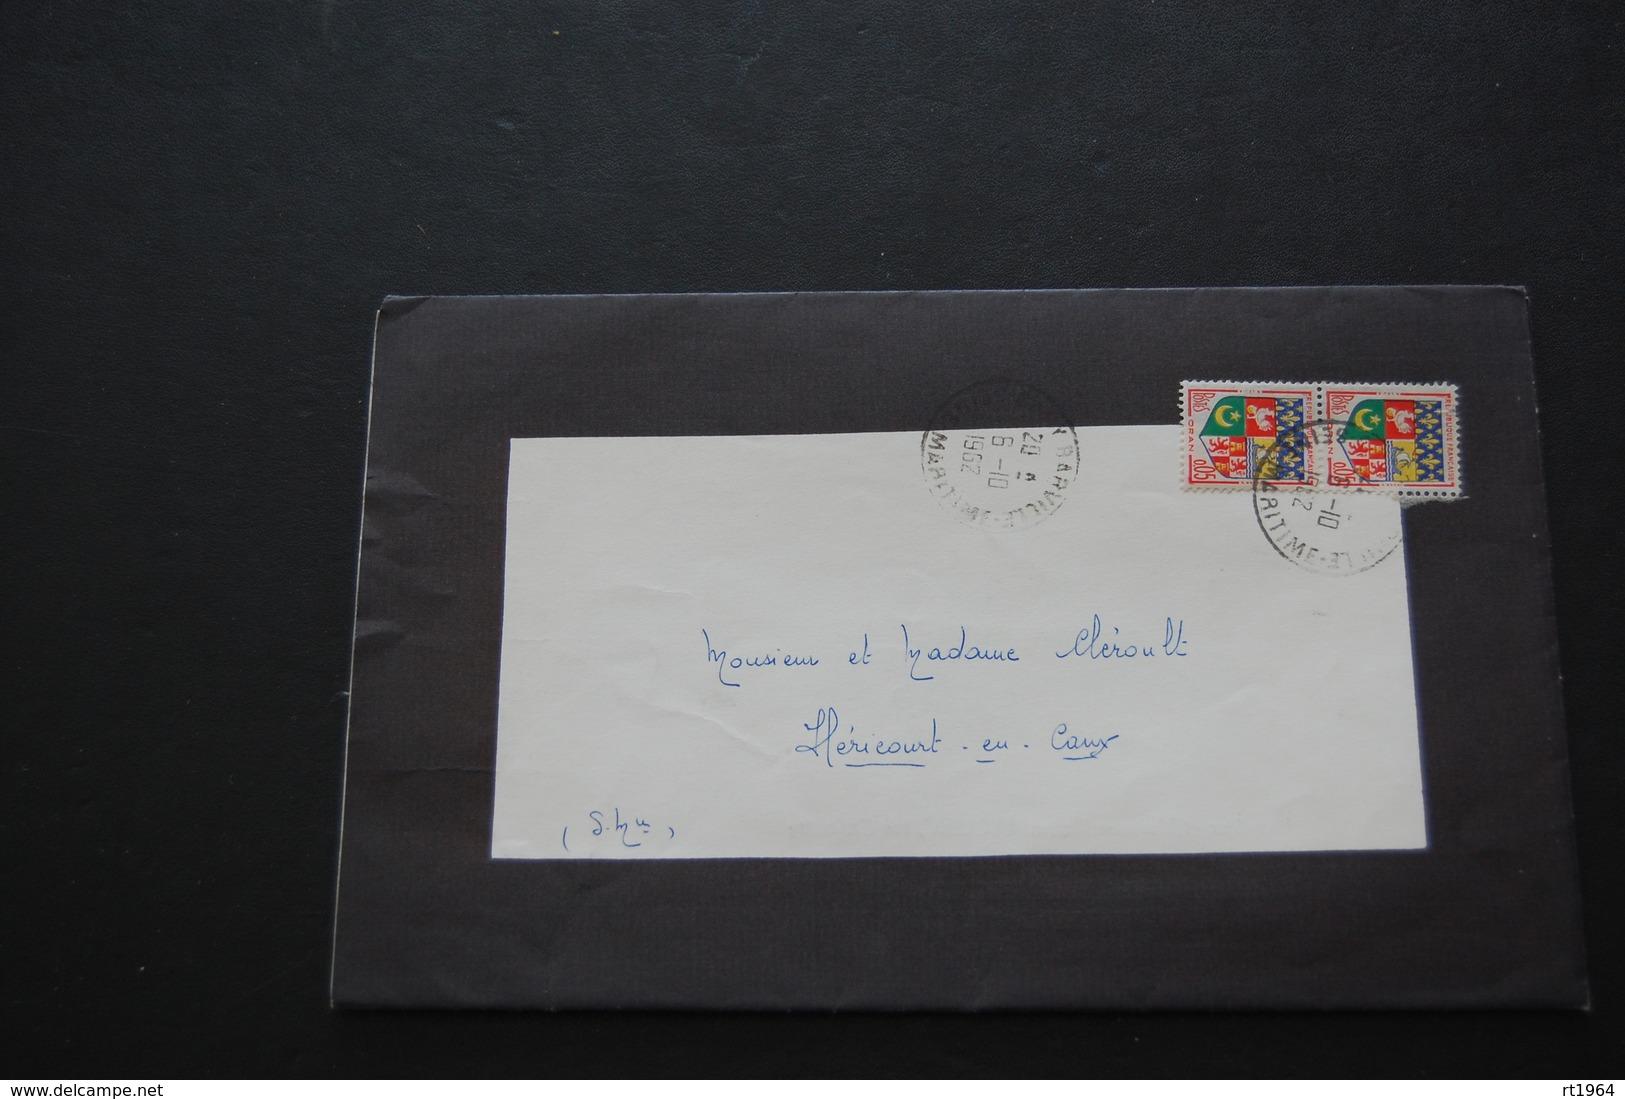 76 - Faire Part De Décès De Mme Maria LECONTE Le 05 Octobre 1962 Vittefleur - Obituary Notices